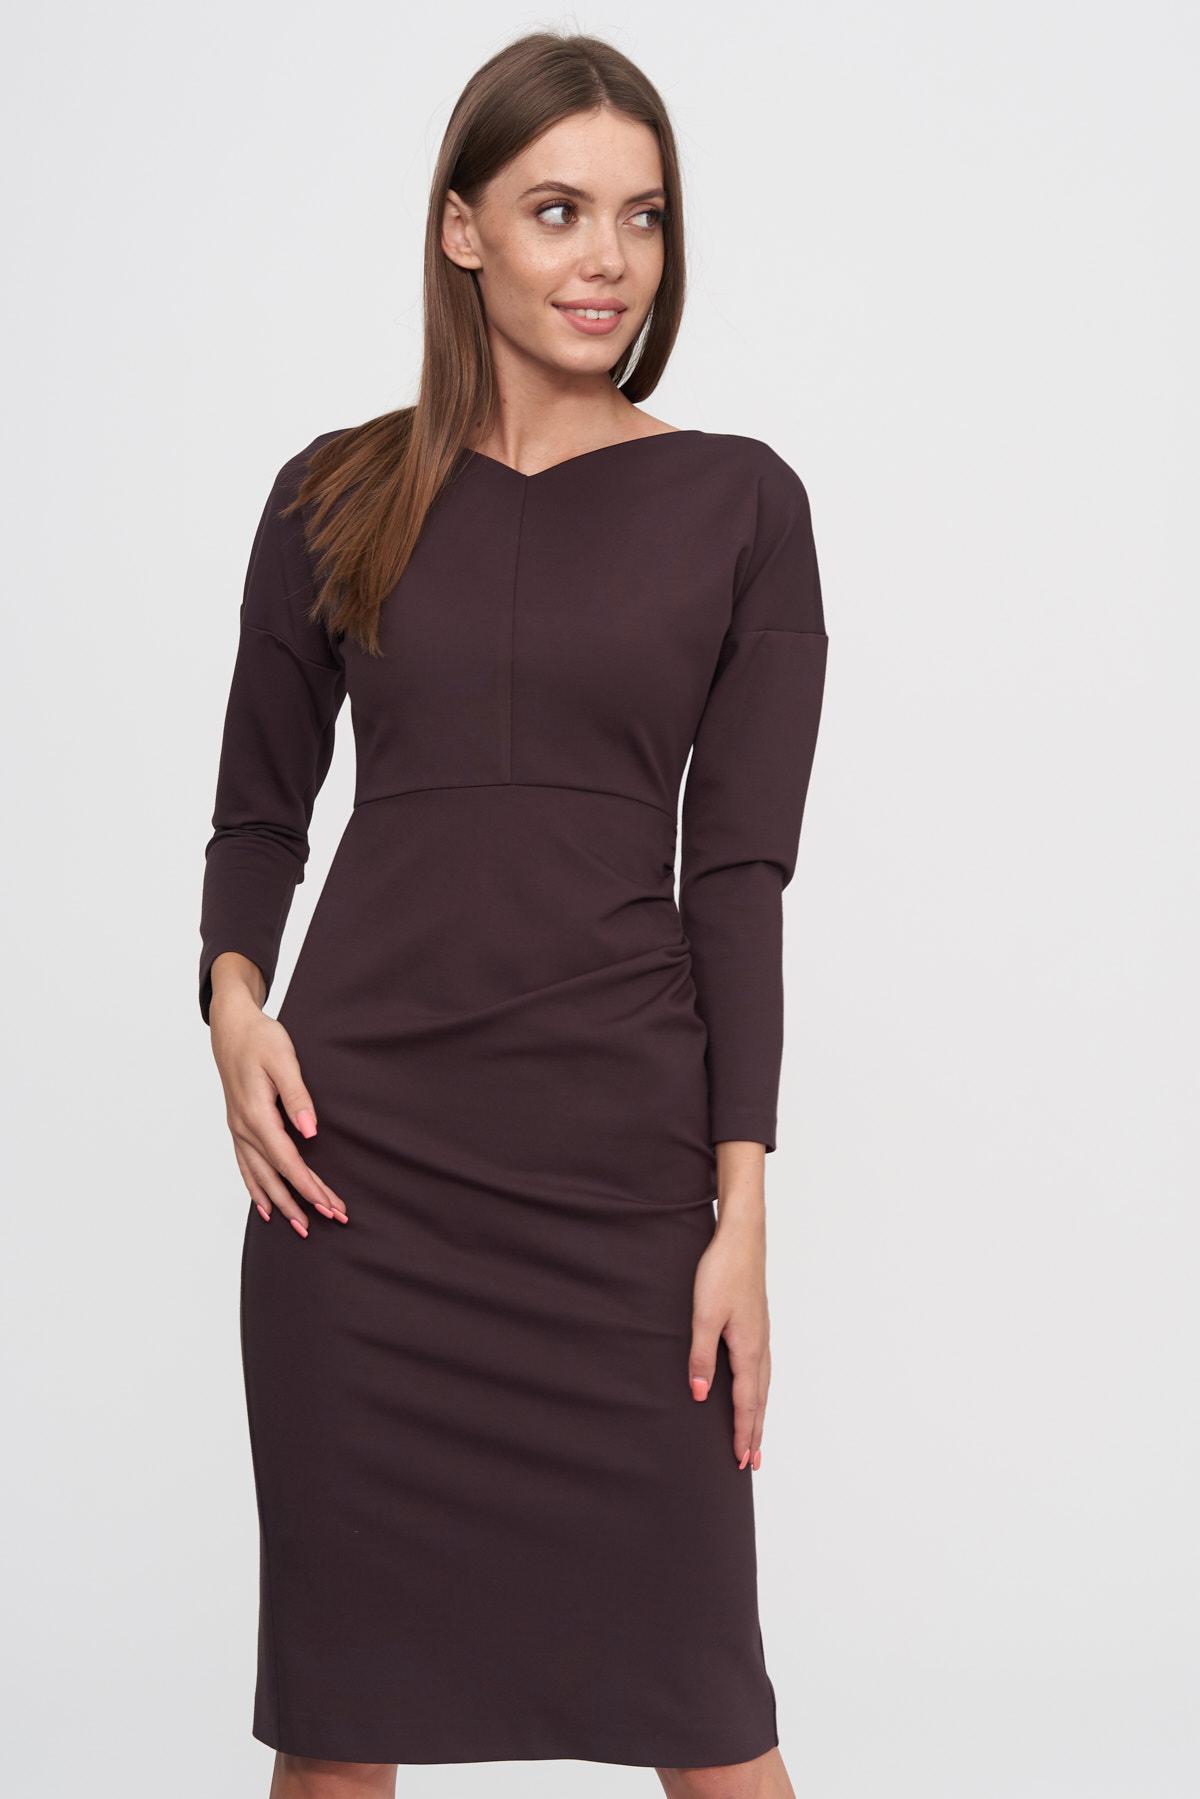 Платье женские Natali Bolgar модель 19057TR265 приобрести, 2017